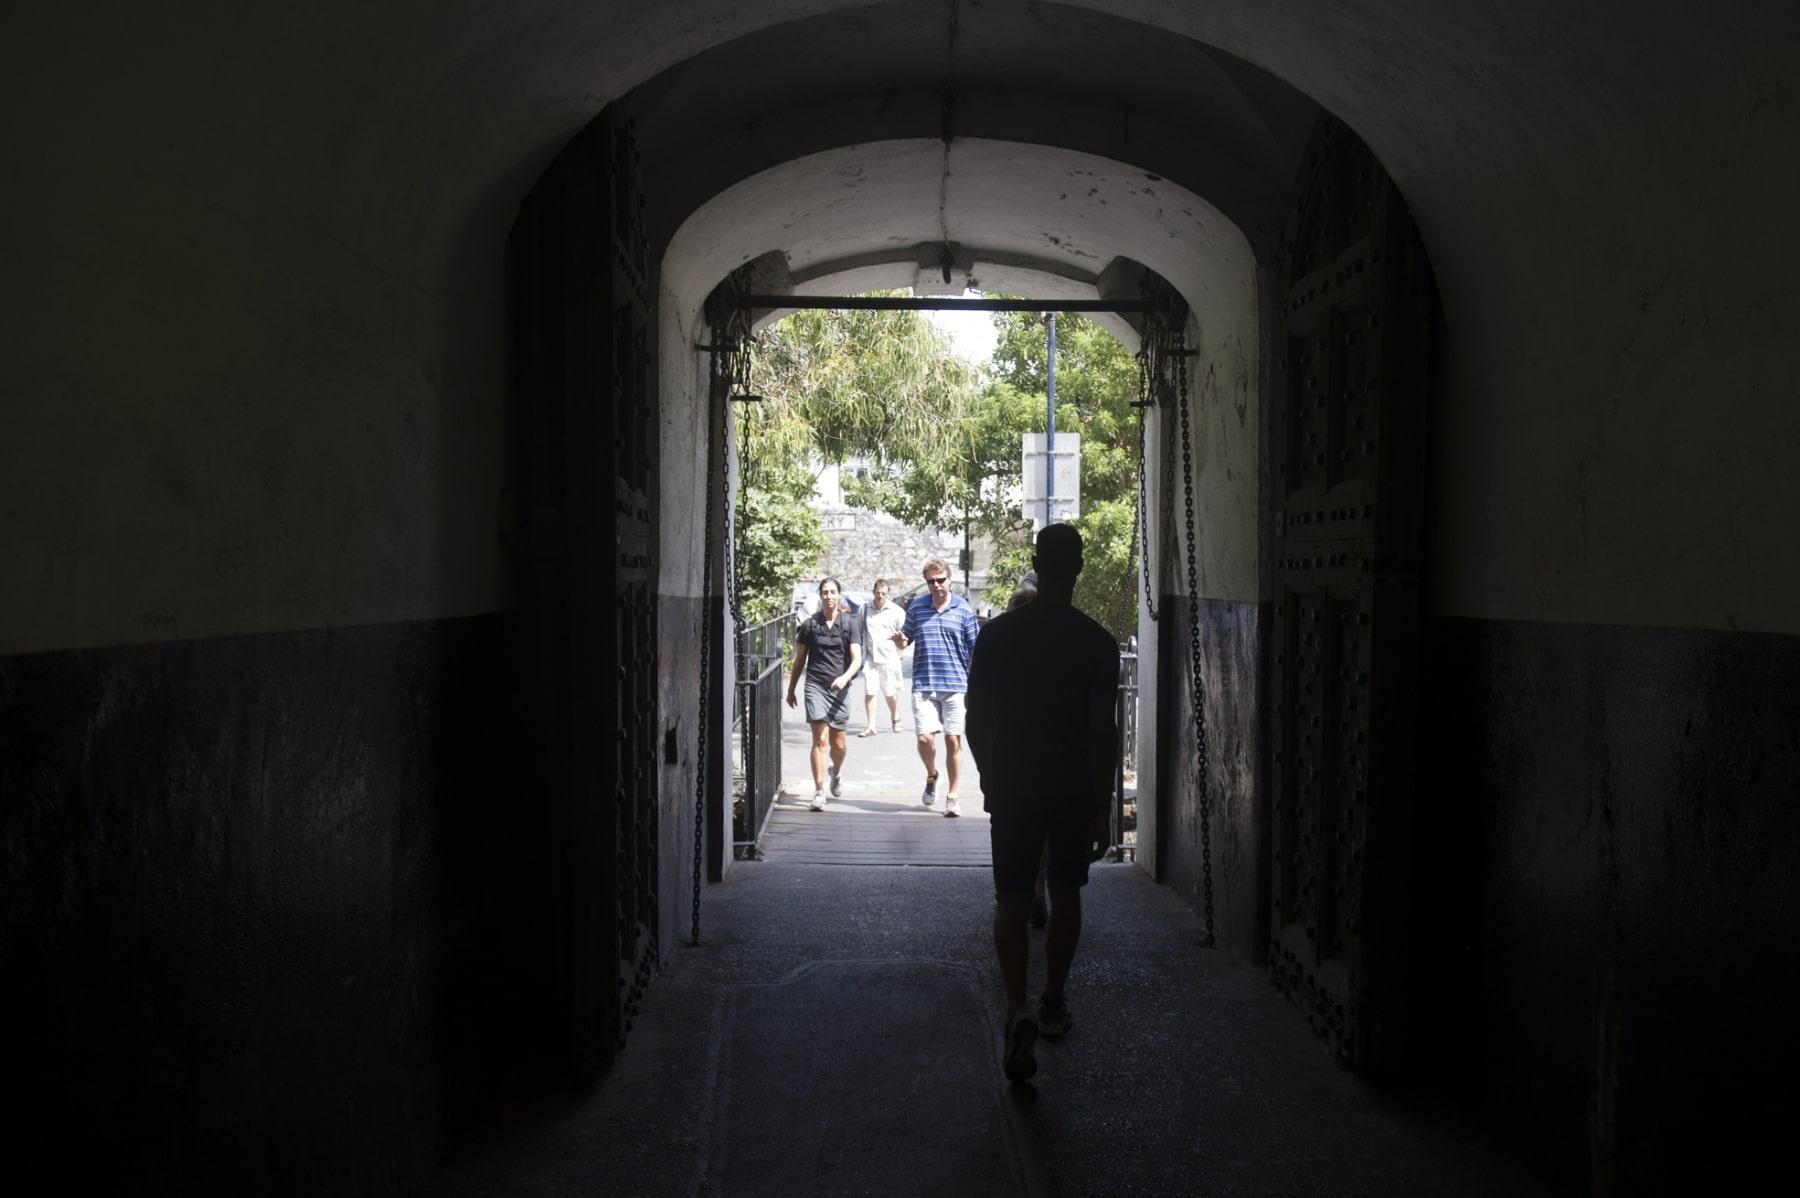 en-su-da-la-entrada-a-gibraltar-se-haca-por-esta-angosta-puerta-defendida-por-un-puente-colgante_22740280655_o